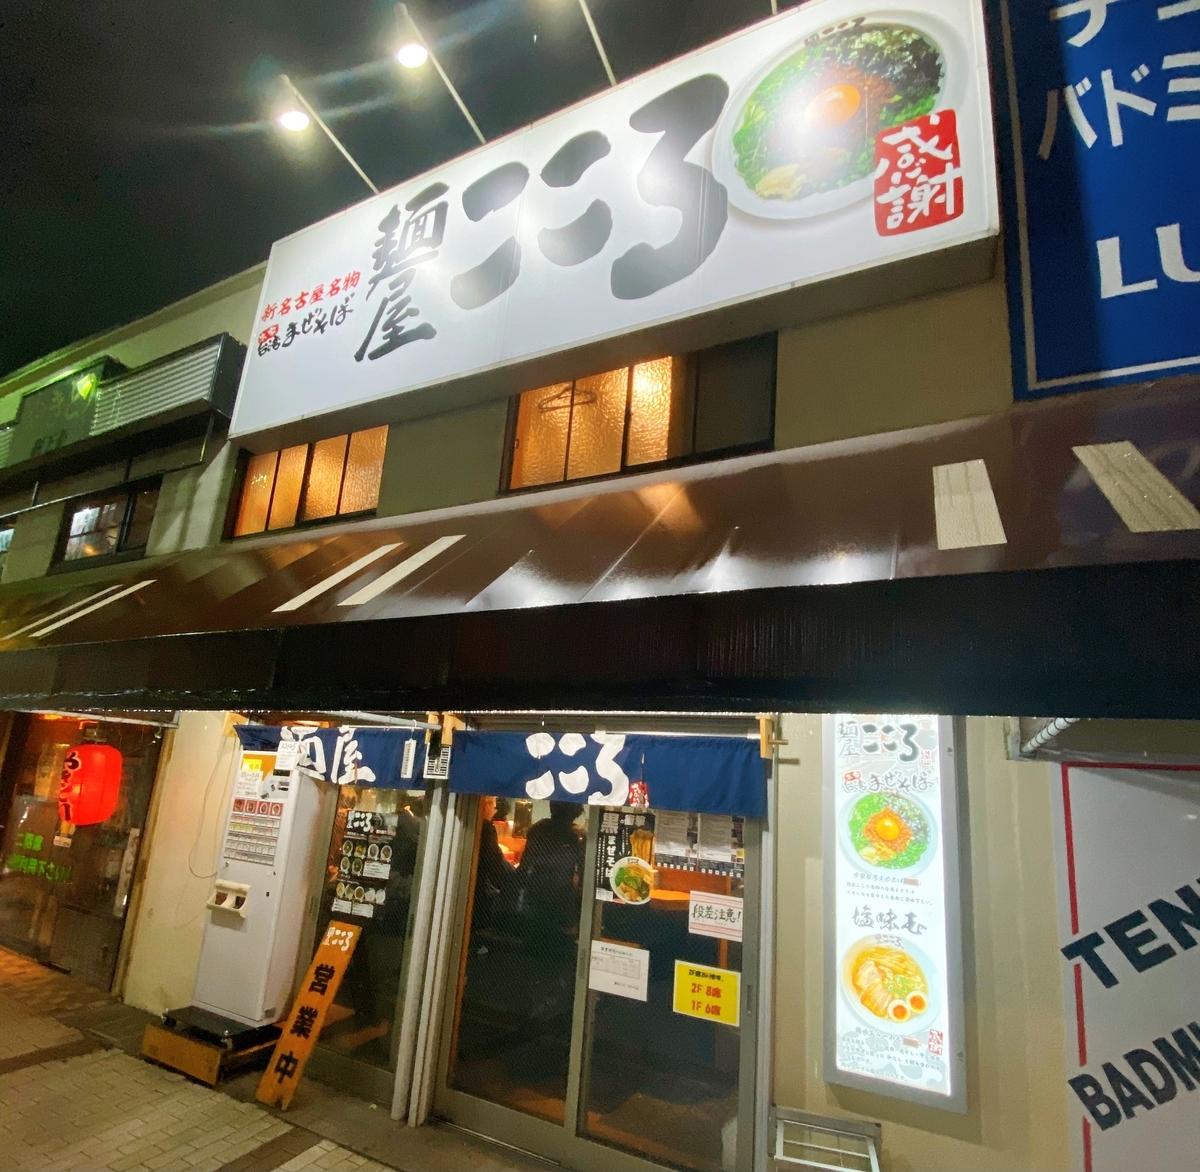 f:id:TakahiroIwata:20201020224106j:plain